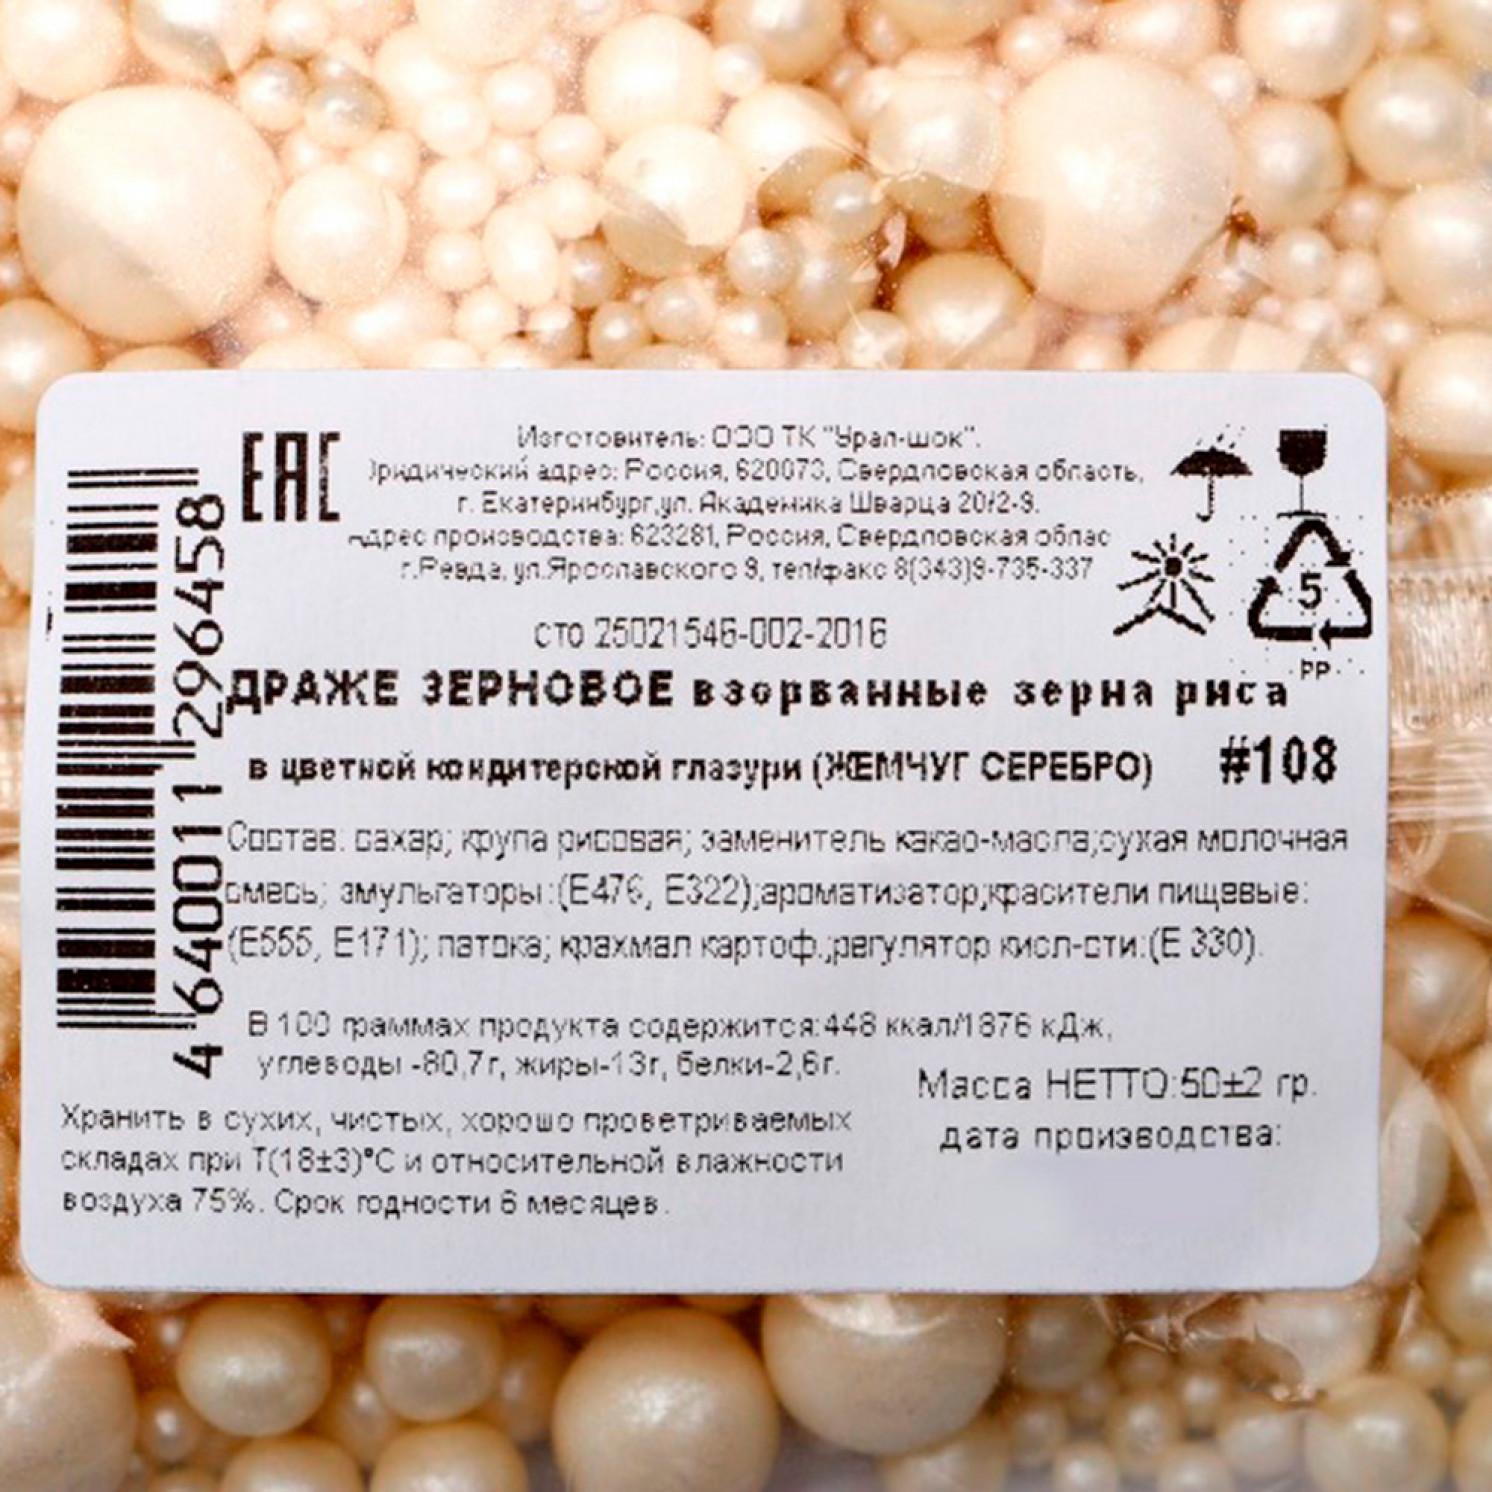 Драже «Жемчуг», взорванные зёрна риса в цветной кондитерской глазури, серебро, 50 г